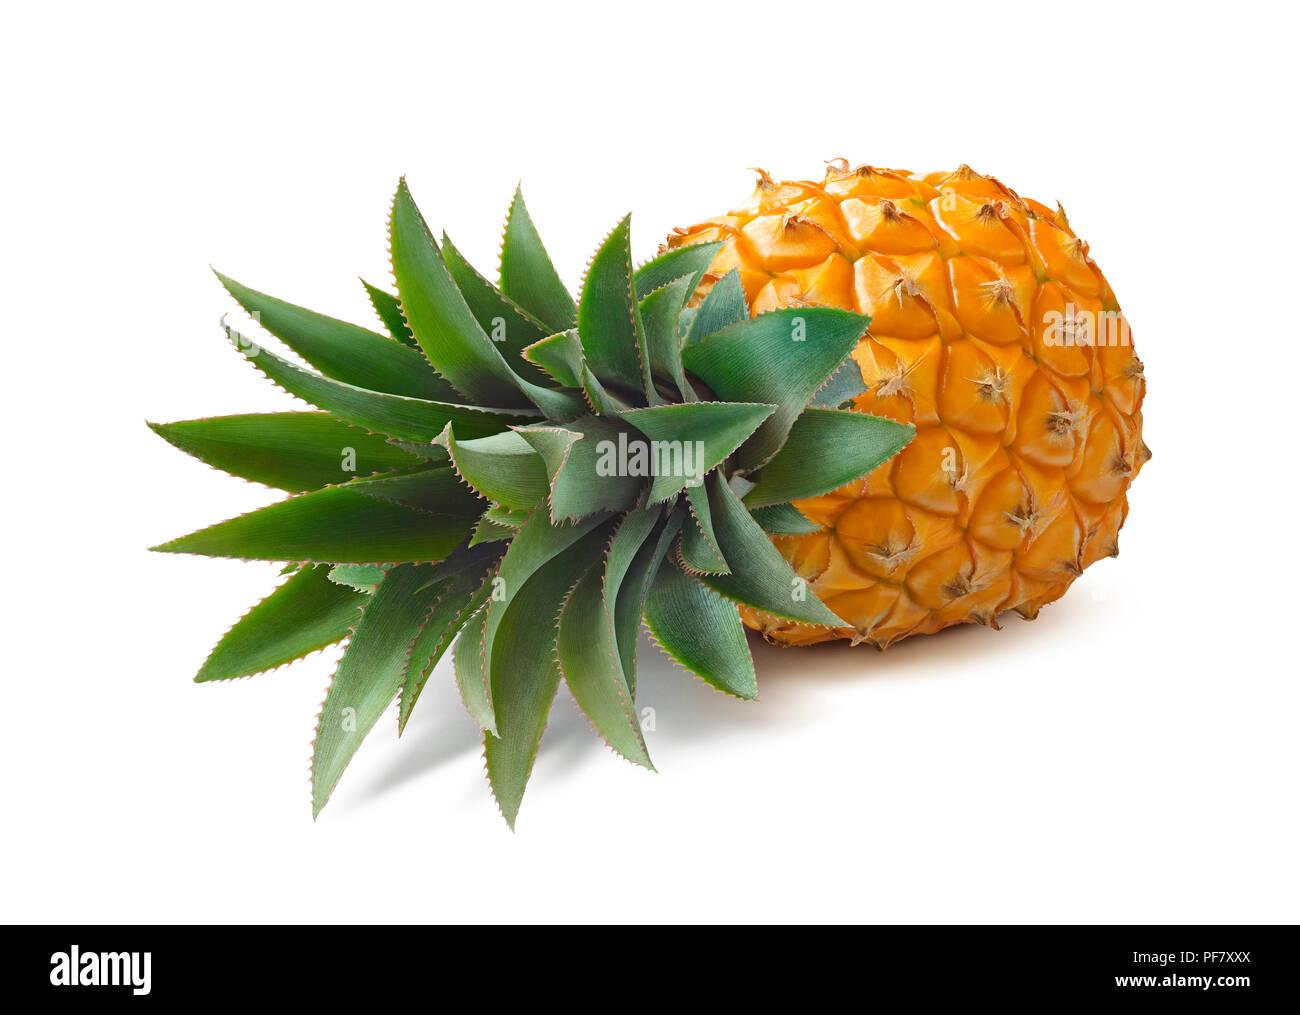 Lügen Ananas auf weißen Hintergrund als Package Design Element isoliert Stockbild